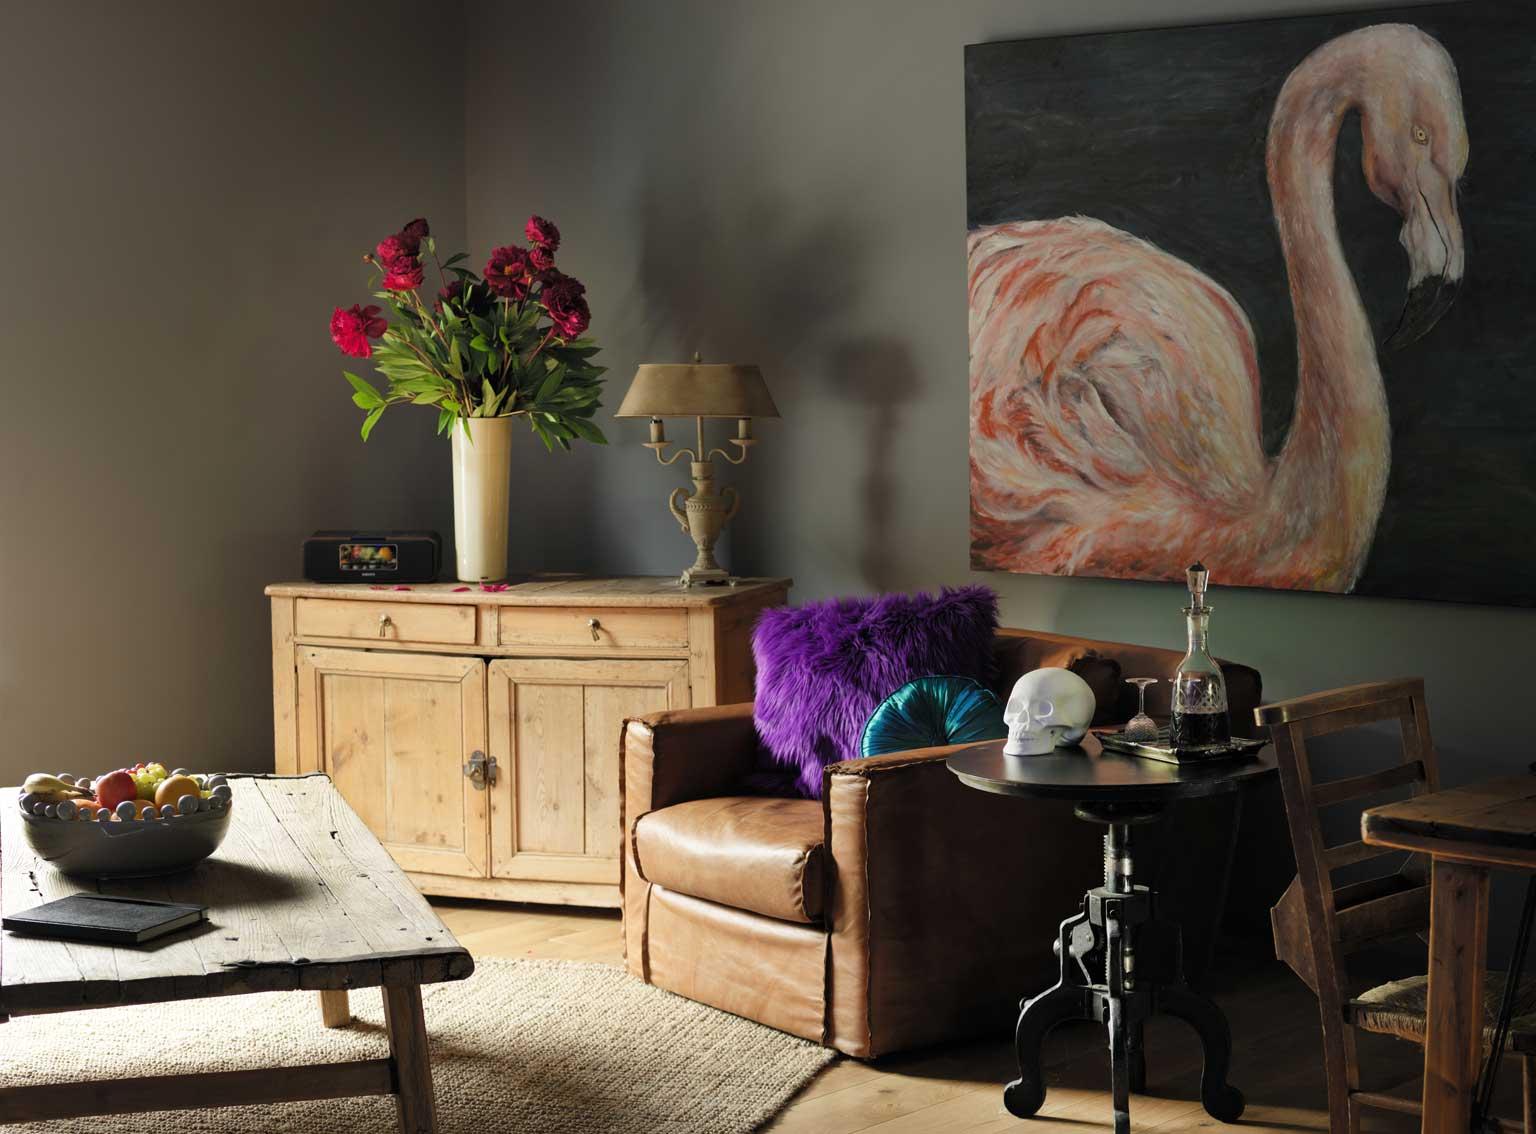 Alpine apartments betws y coed for Coed bedroom ideas